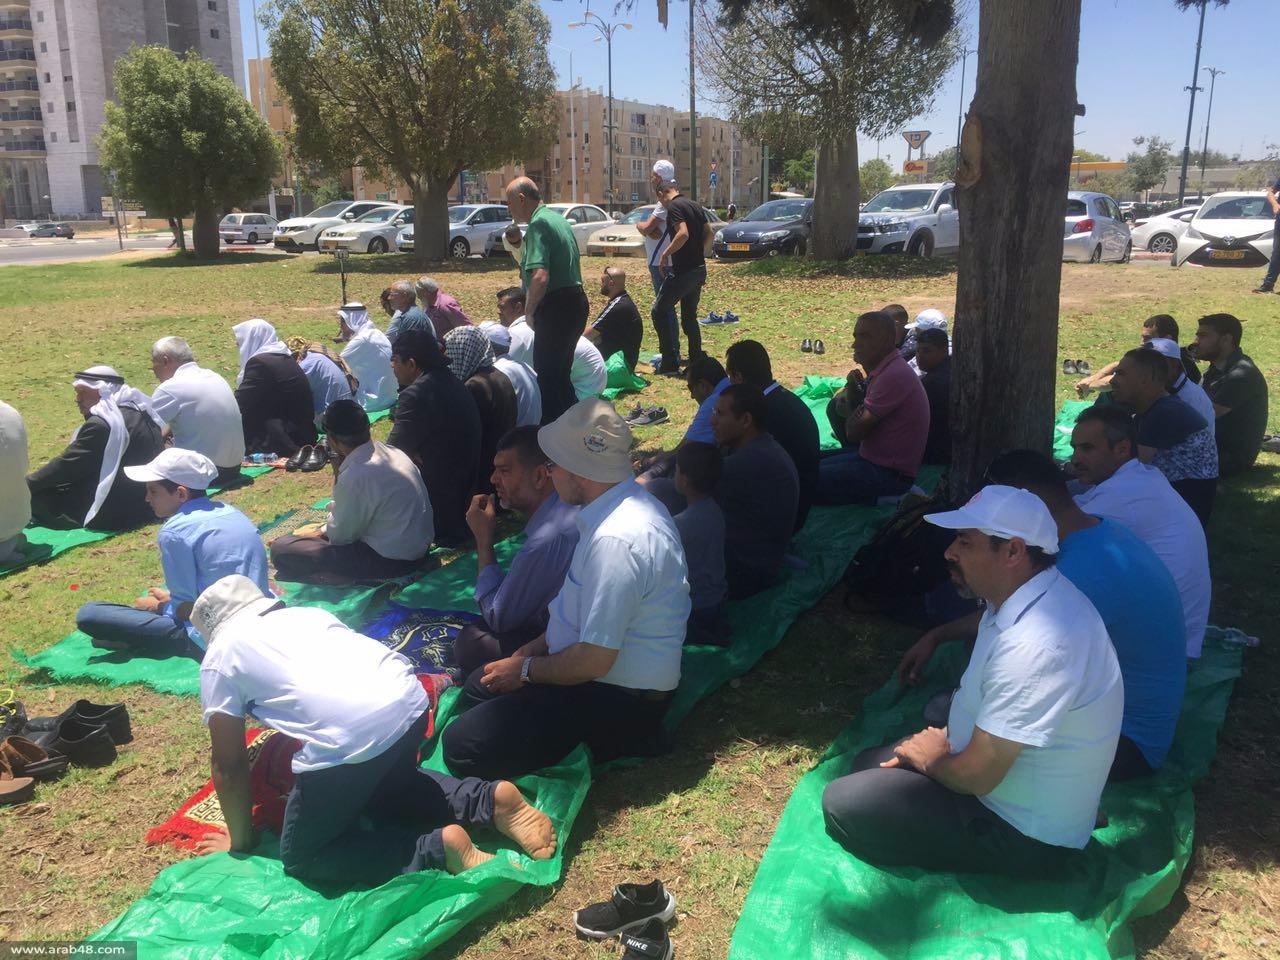 المئات يؤدون صلاة الجمعة أمام سجن الجلمة وسوروكا إسنادا للأسرى